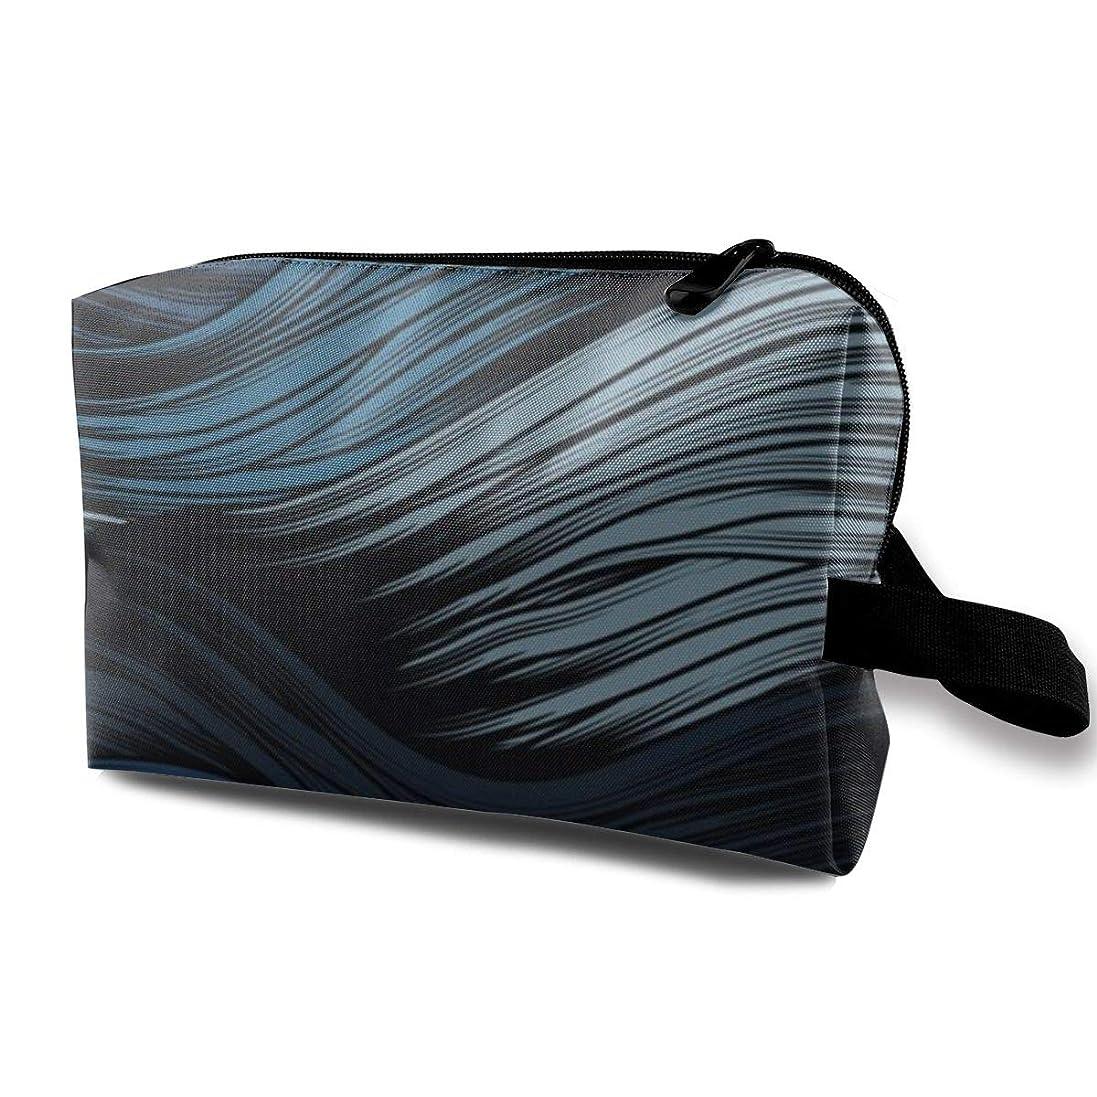 調子カード効率的に波 線 抽象的 化粧品袋 トラベルコスメティックバッグ 防水 大容量 荷物タグ付き 旅行収納ポーチ アレンジケース パッキングオーガナイザー 出張 旅行 衣類収納袋 スーツケース整理 インナーバッグ メッシュポーチ 収納ポーチ